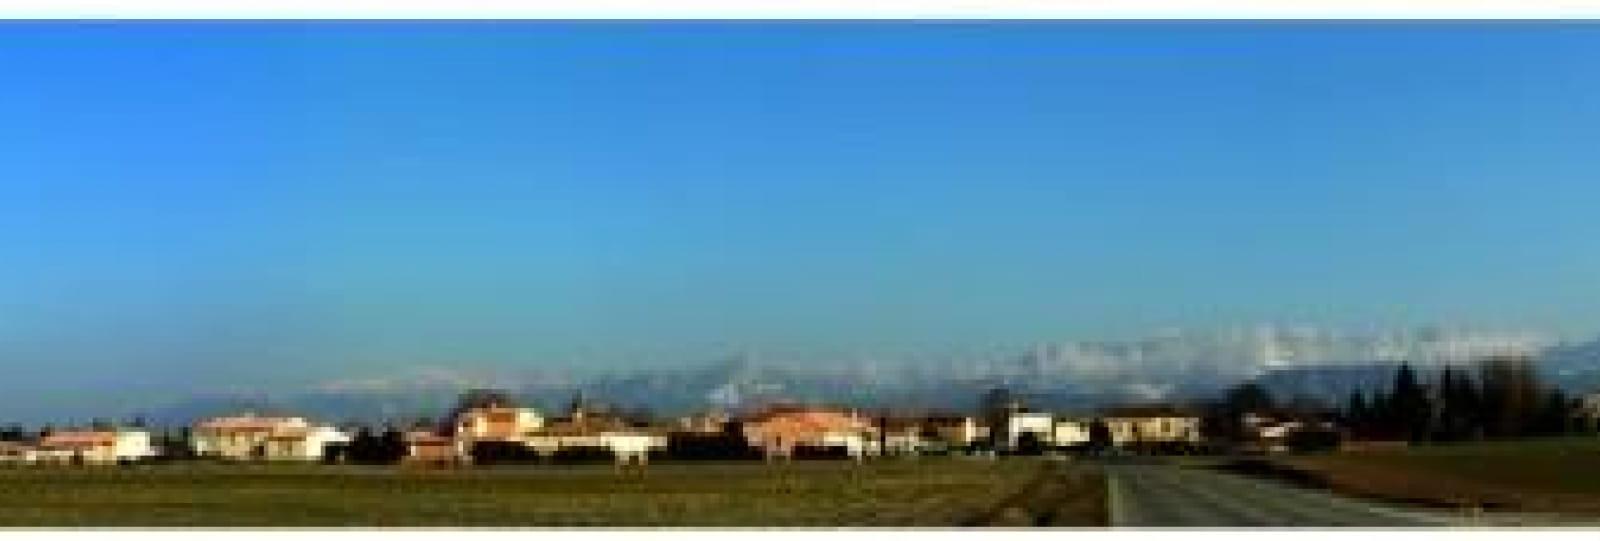 Village de Bésayes